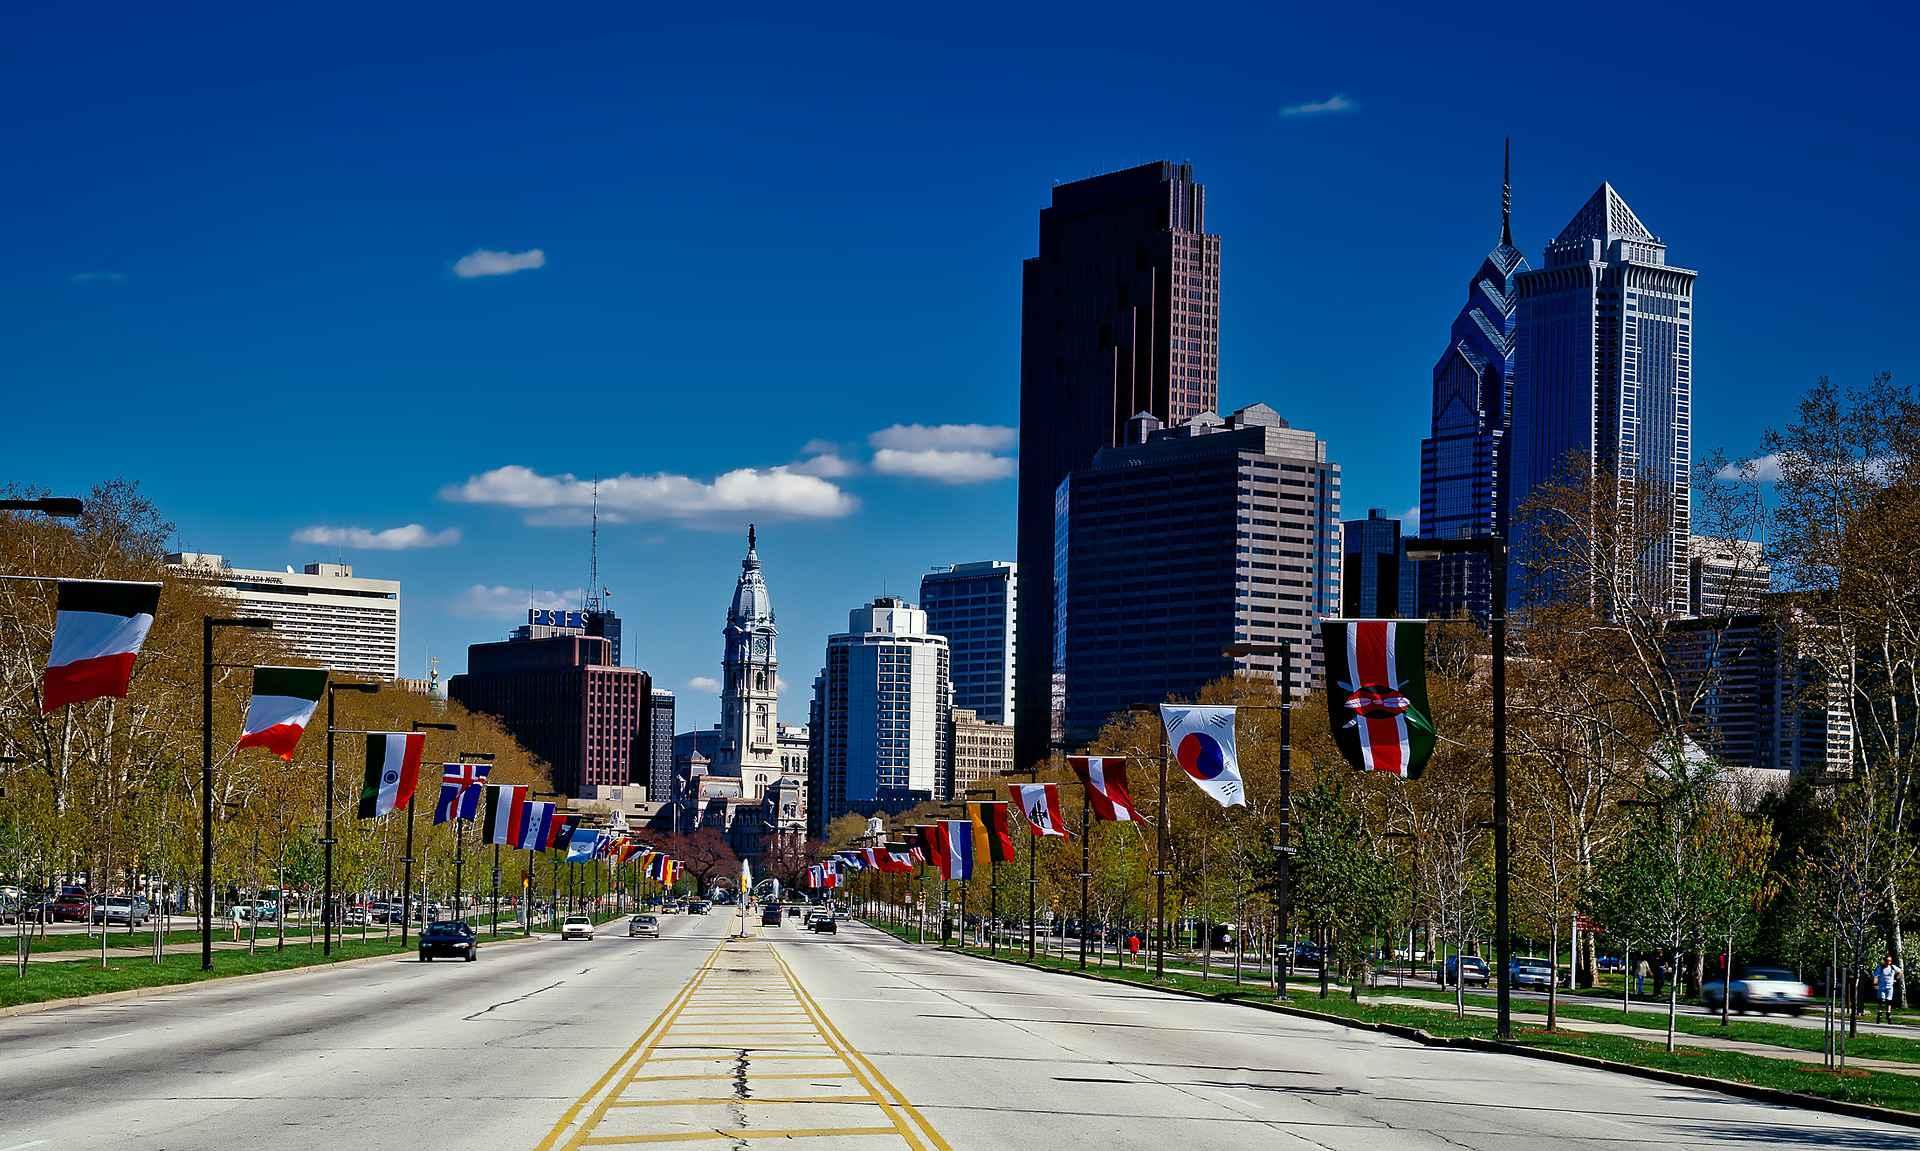 Filadélfia, no nordeste dos EUA: cátedra vai contemplar aspectos diversos da vida americana